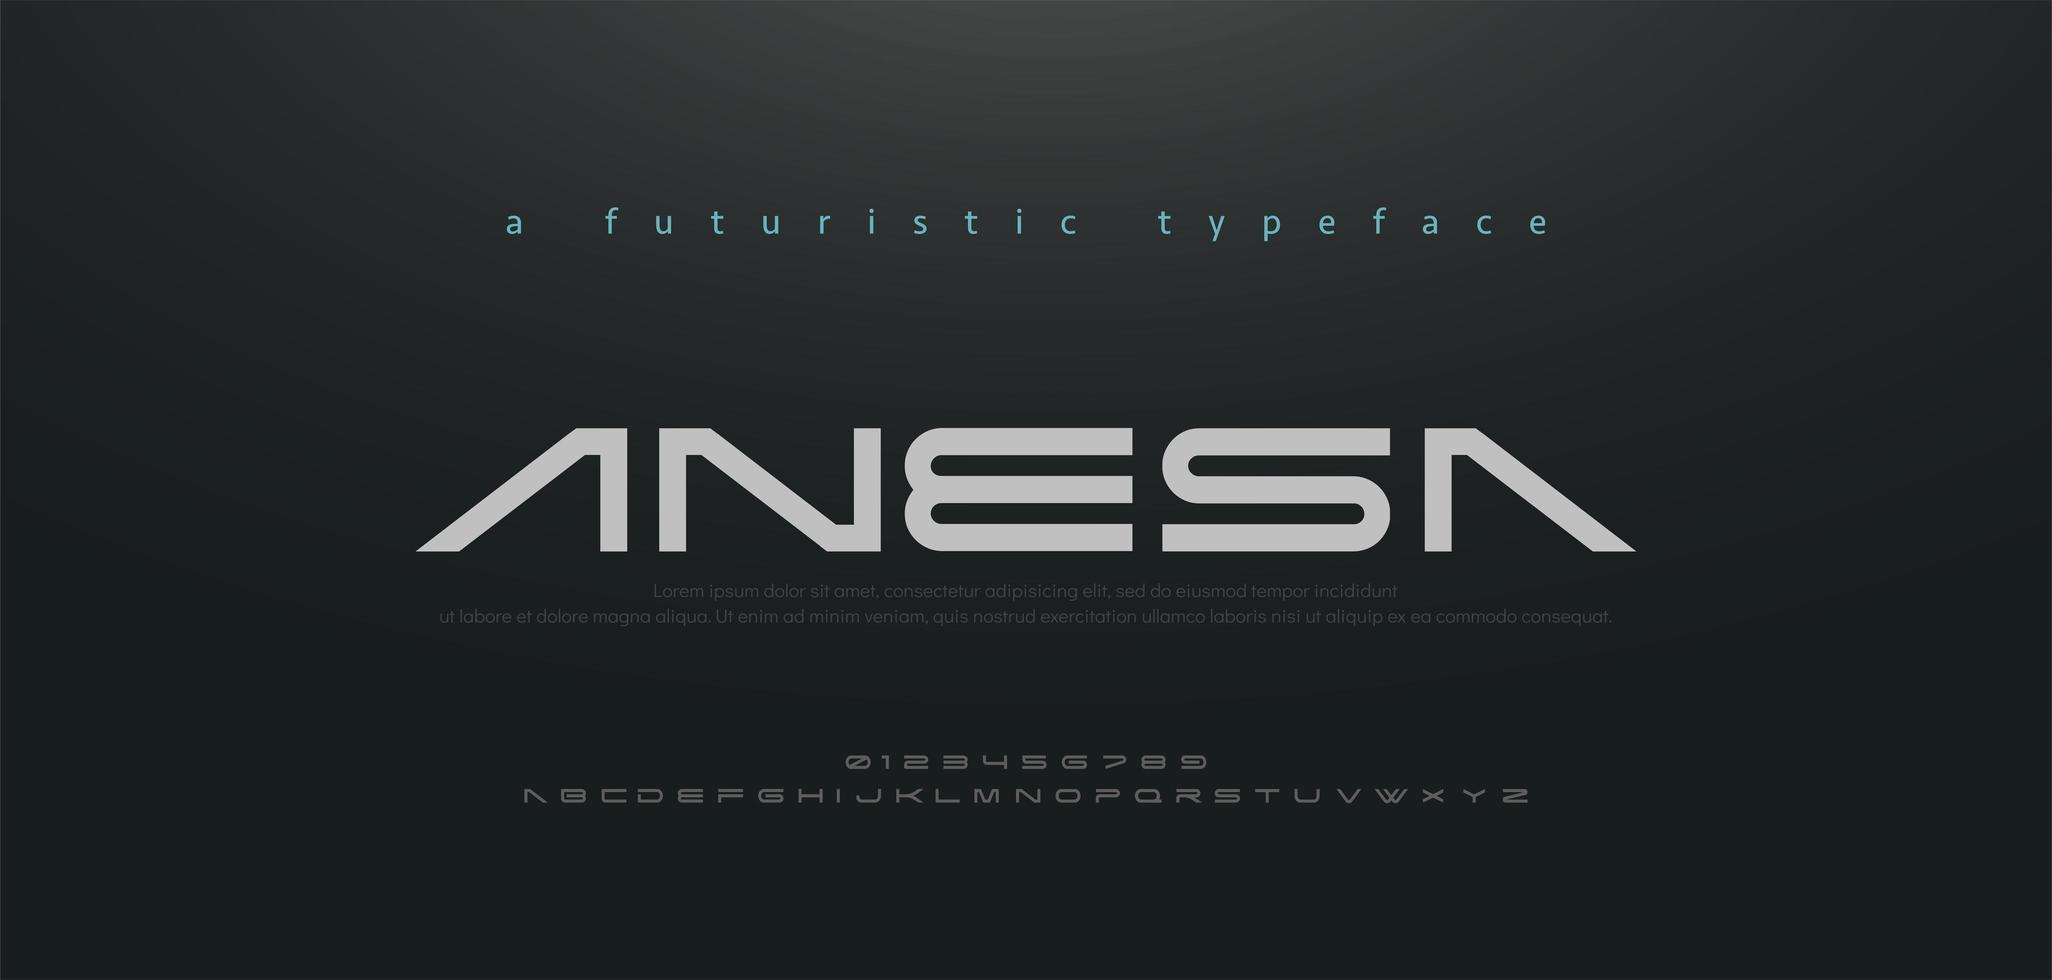 abstrakt teknik utrymme teckensnitt och alfabetet vektor